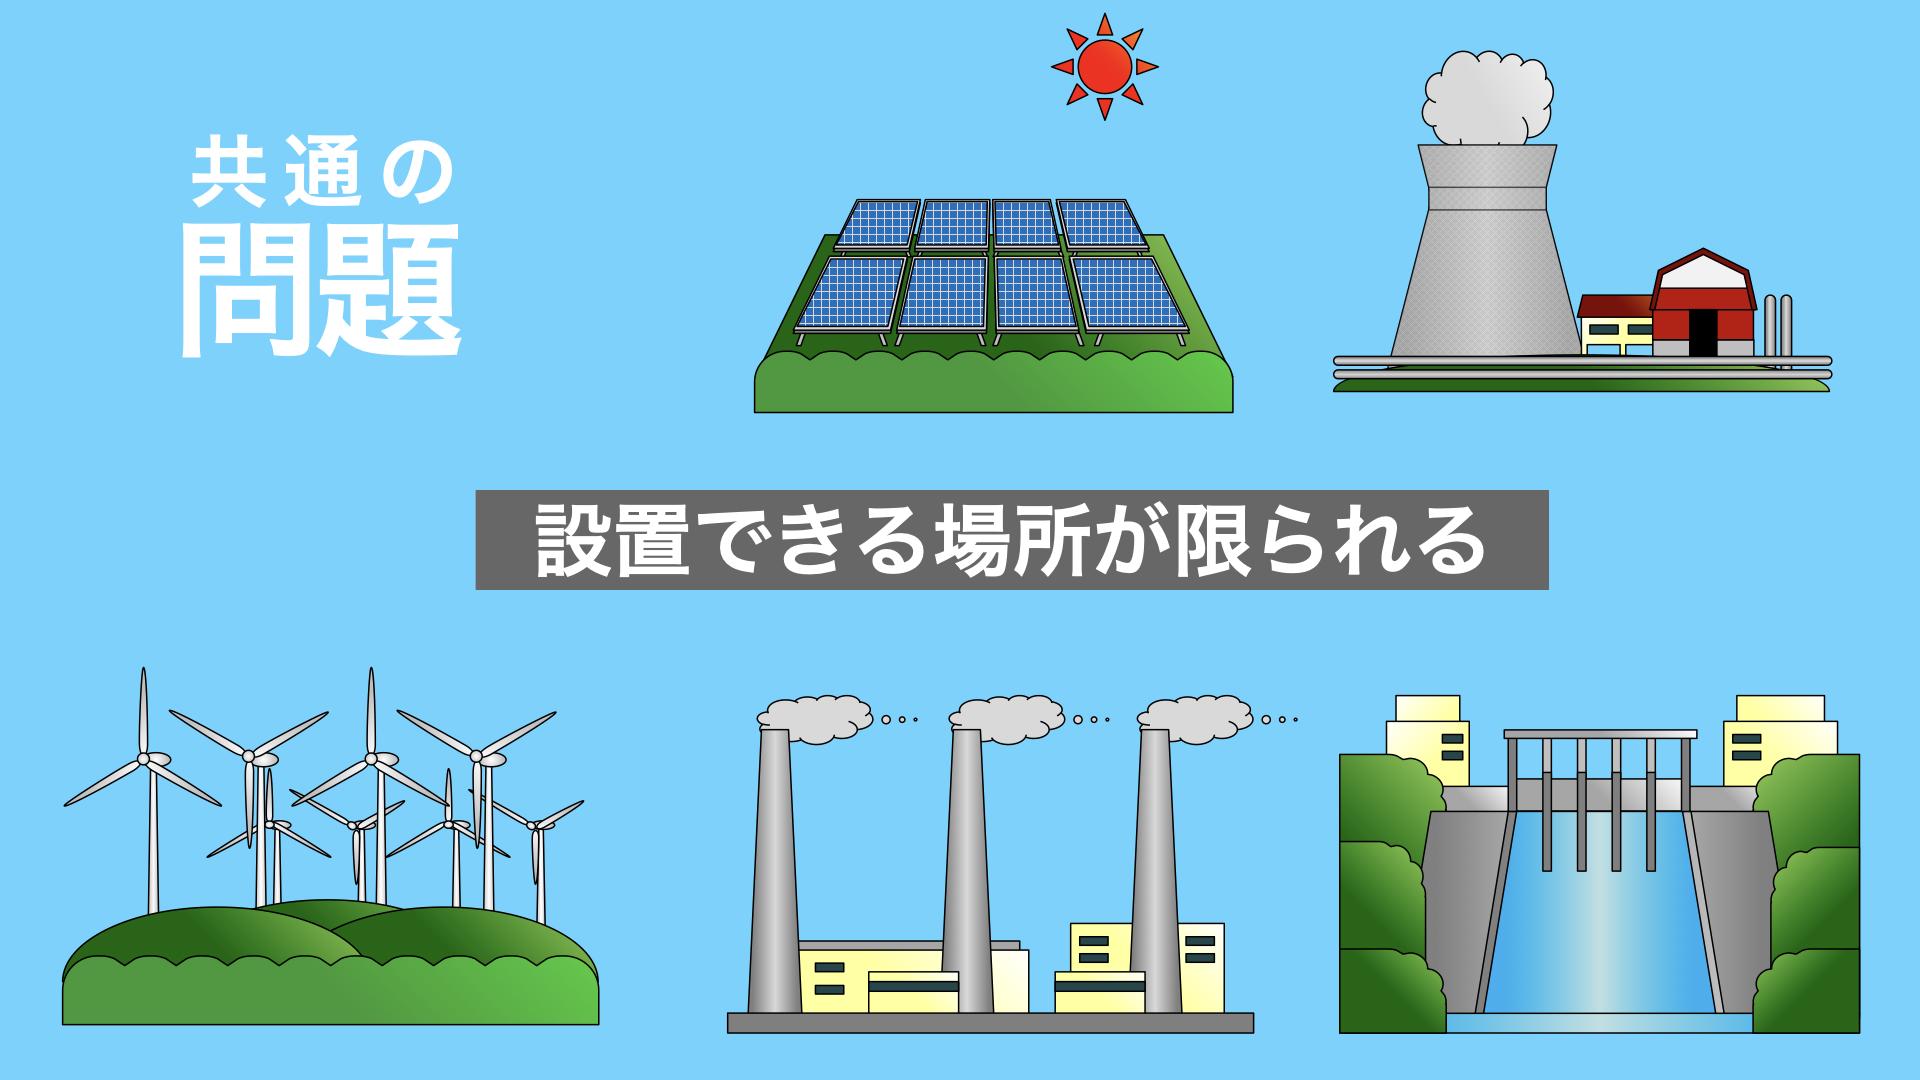 発電共通の問題